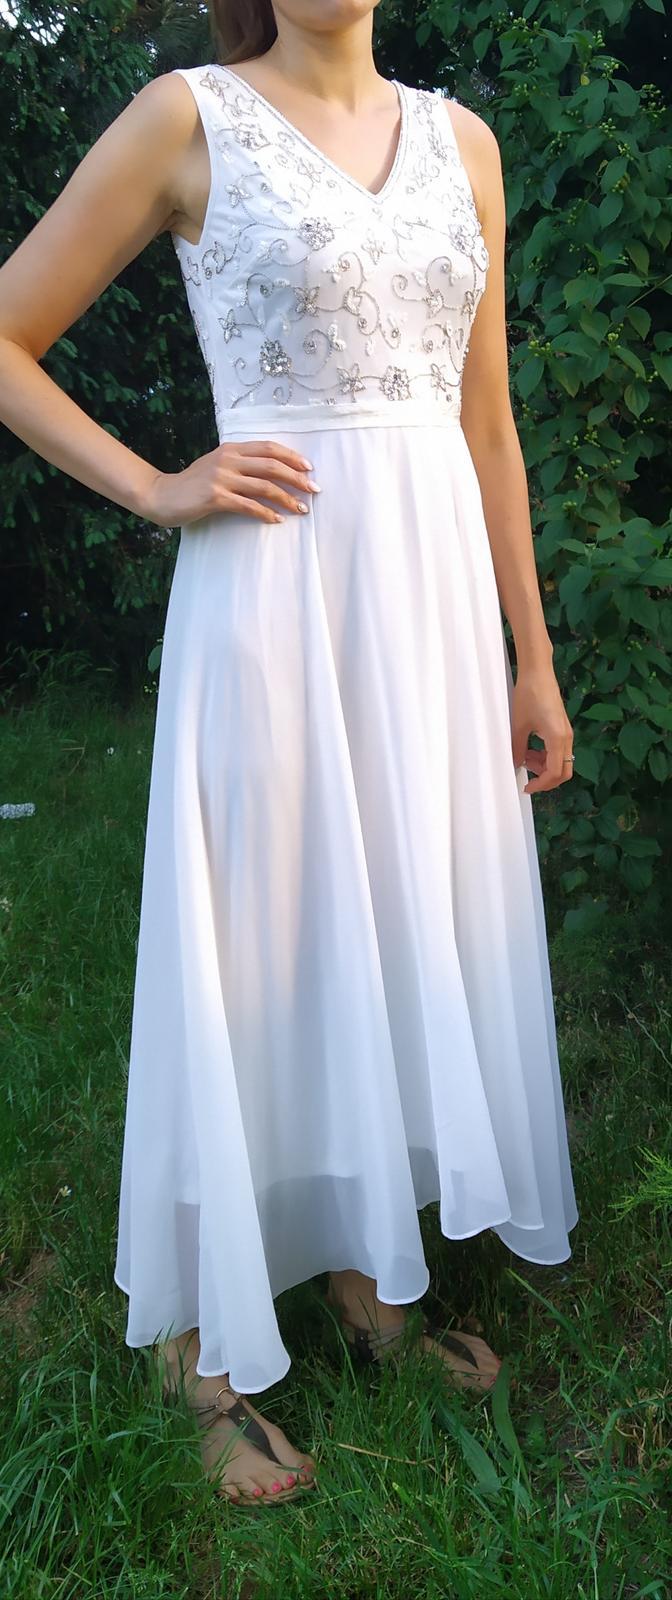 Svatební šaty,po půlnoční šaty - Obrázek č. 1